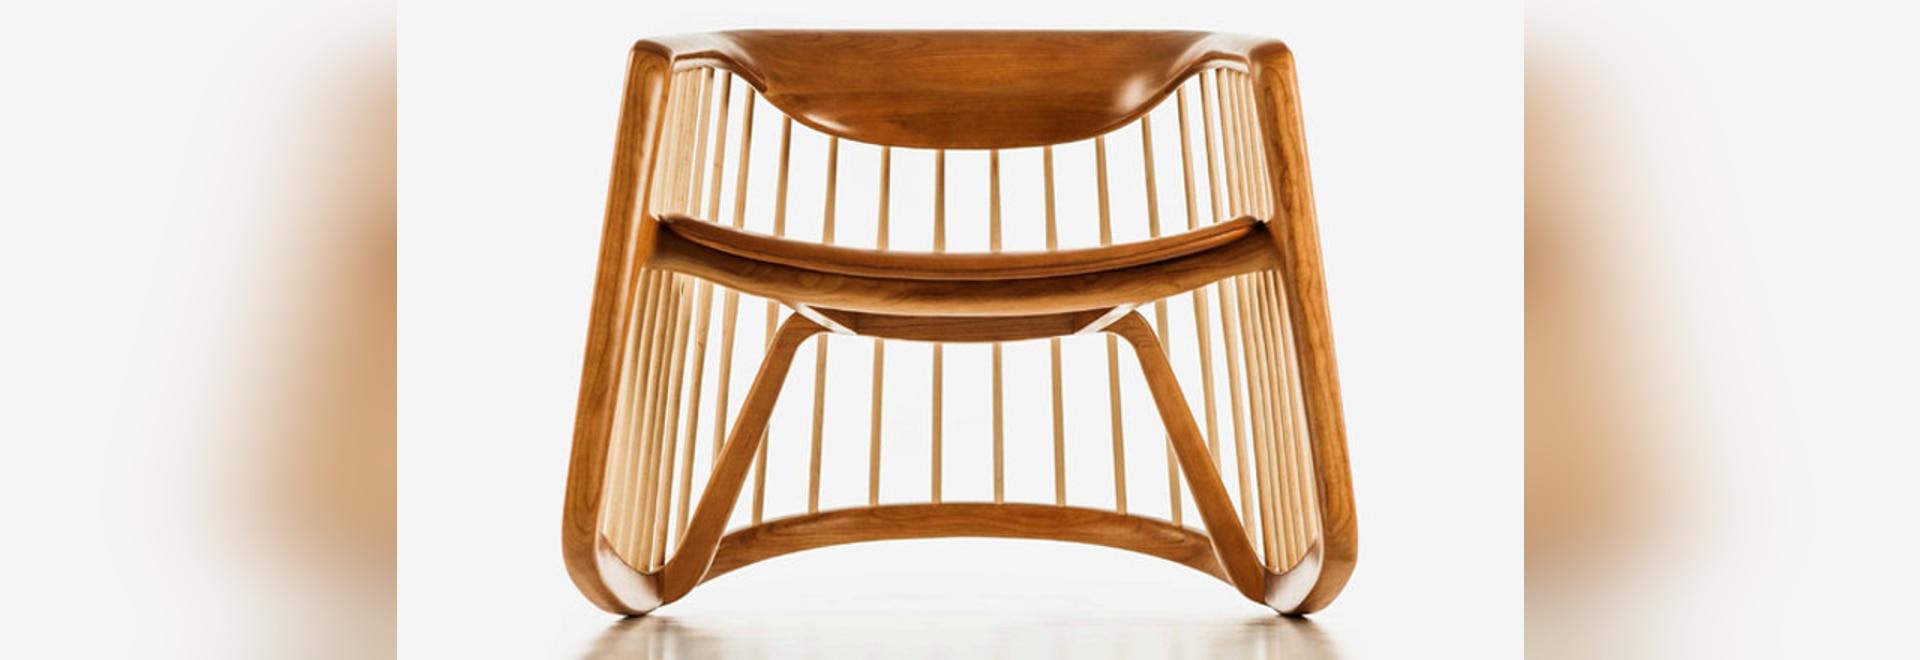 harper-rocking-chair-noe-duchaufour-lawrance-bernhardt-design-10123-9293337